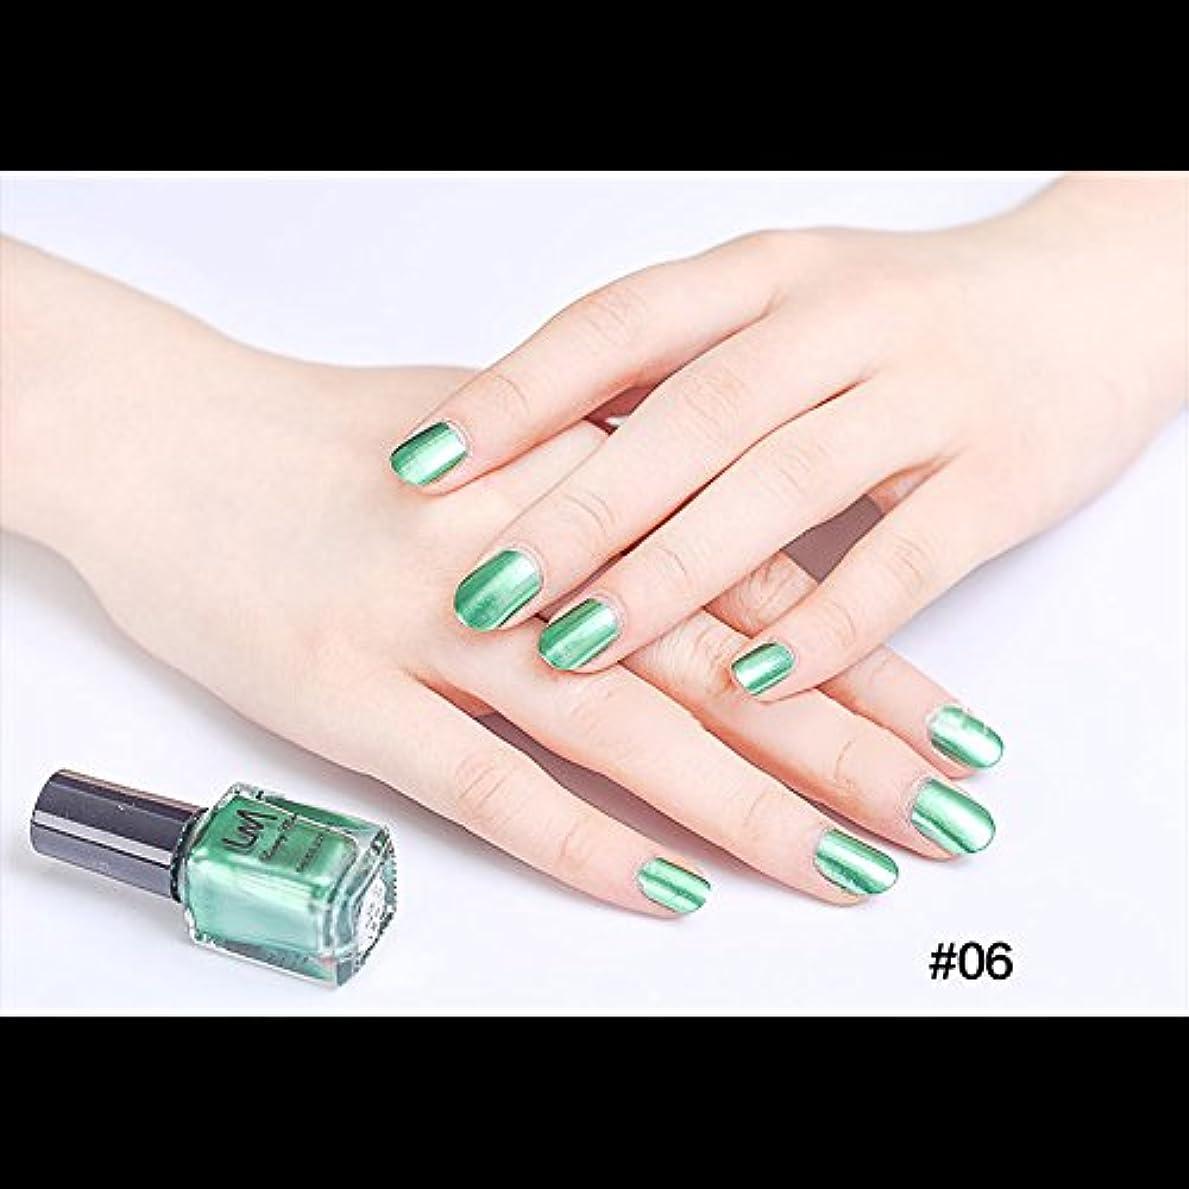 ジャムオフセットデザートhjuns-Wu マニキュア パール感 1ボトル 6ml ネイルポリッシュ(緑)